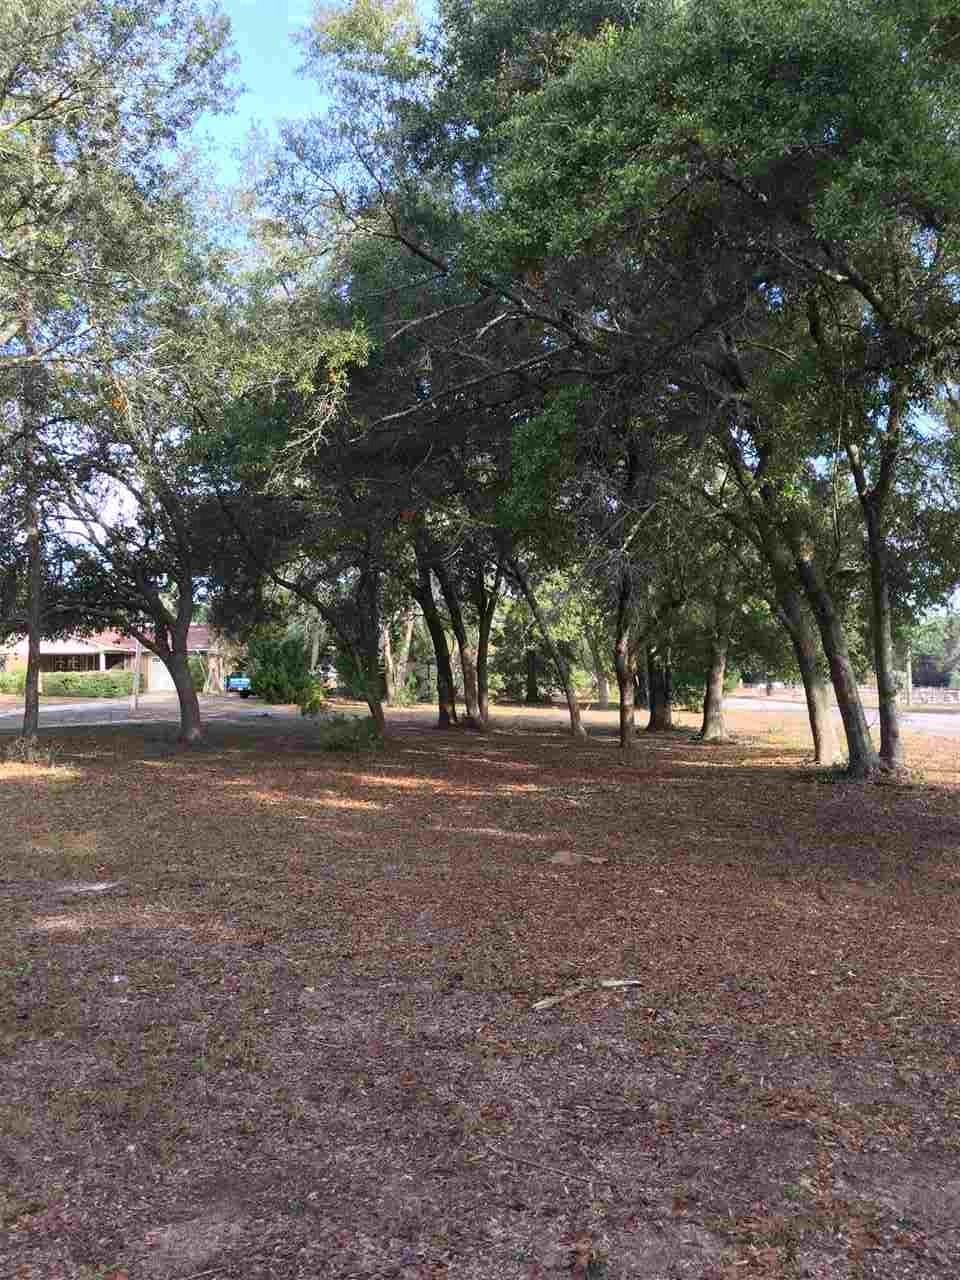 Chavers St, Milton, FL 32570